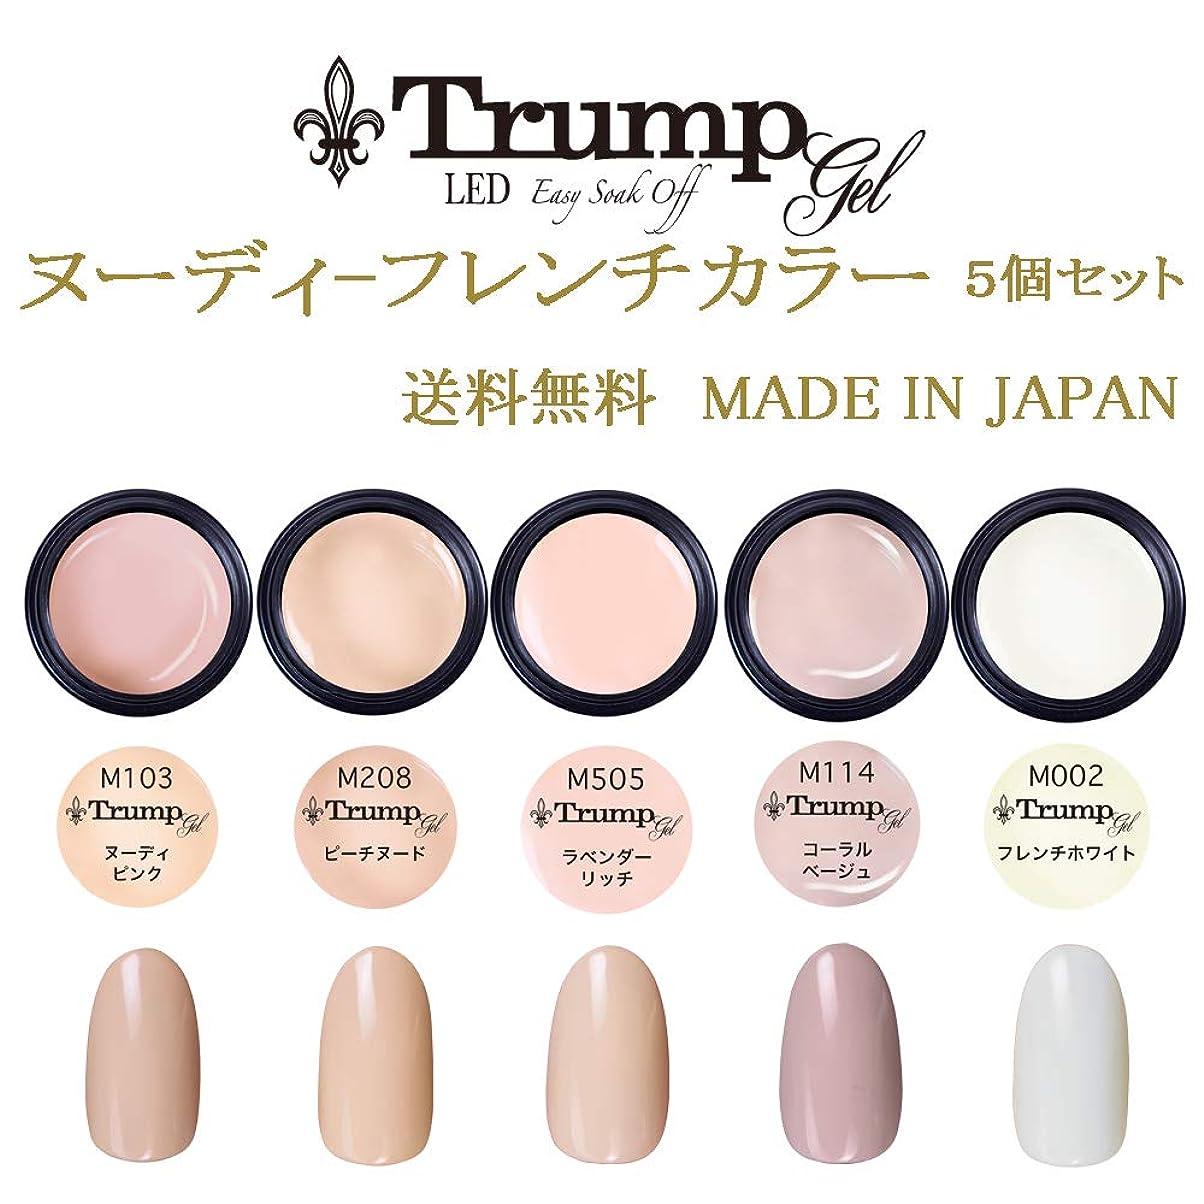 パーク再生的君主制【送料無料】日本製 Trump gel トランプジェルヌーディフレンチカラージェル 5個セット 肌馴染みの良い ヌーデイフレンチカラージェルセット